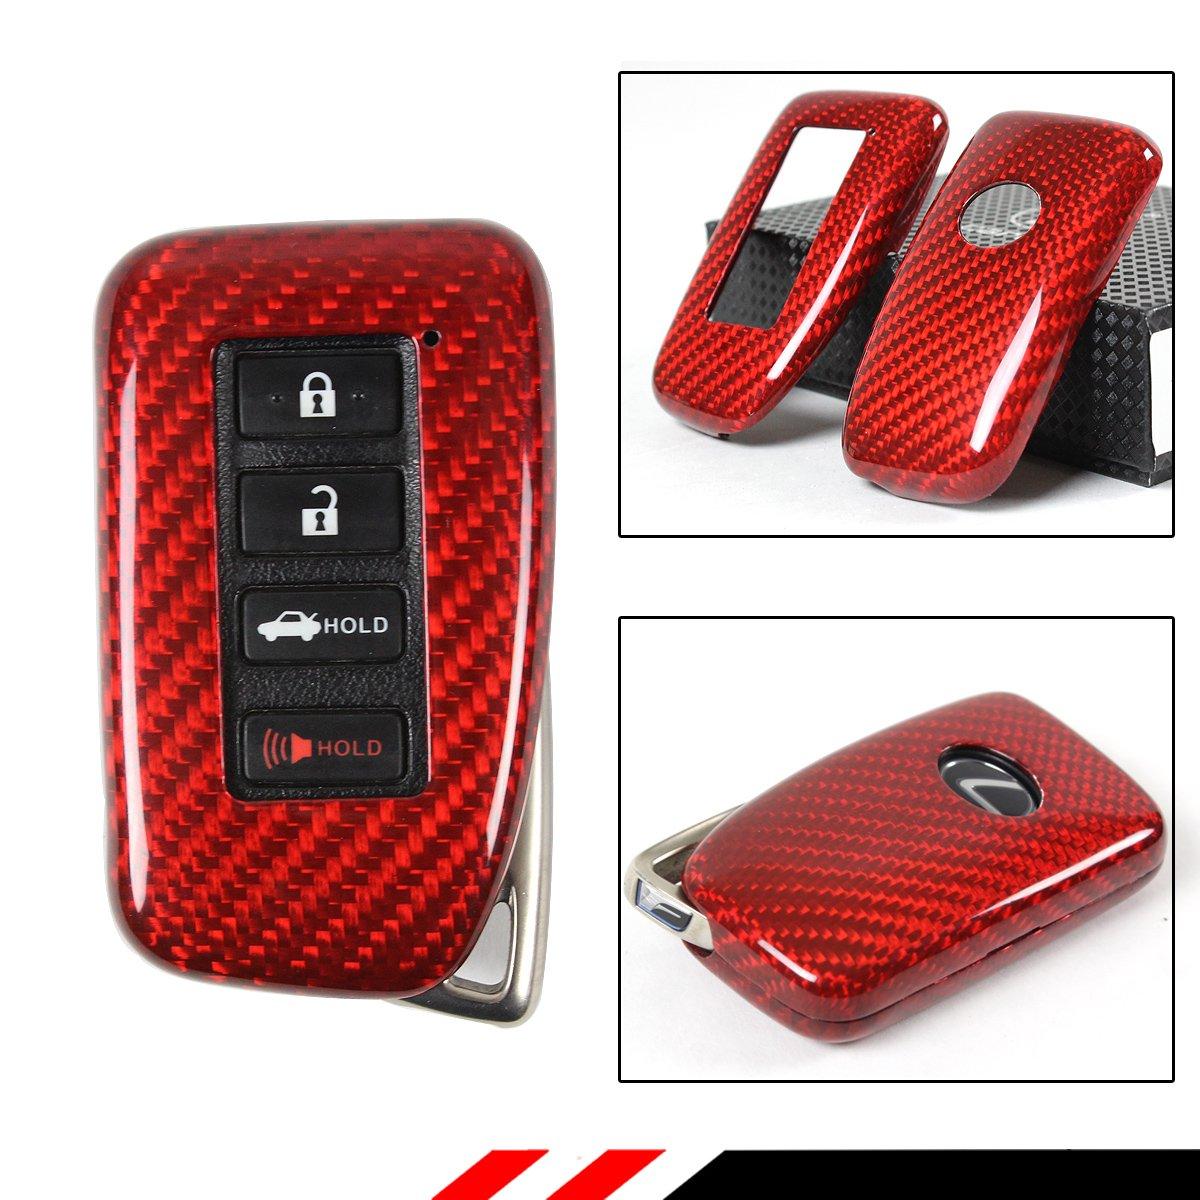 Luxury赤カーボンファイバーSnap On Case For LexusキーレスエントリスマートFob 2013 upモデル B079C7CBG9